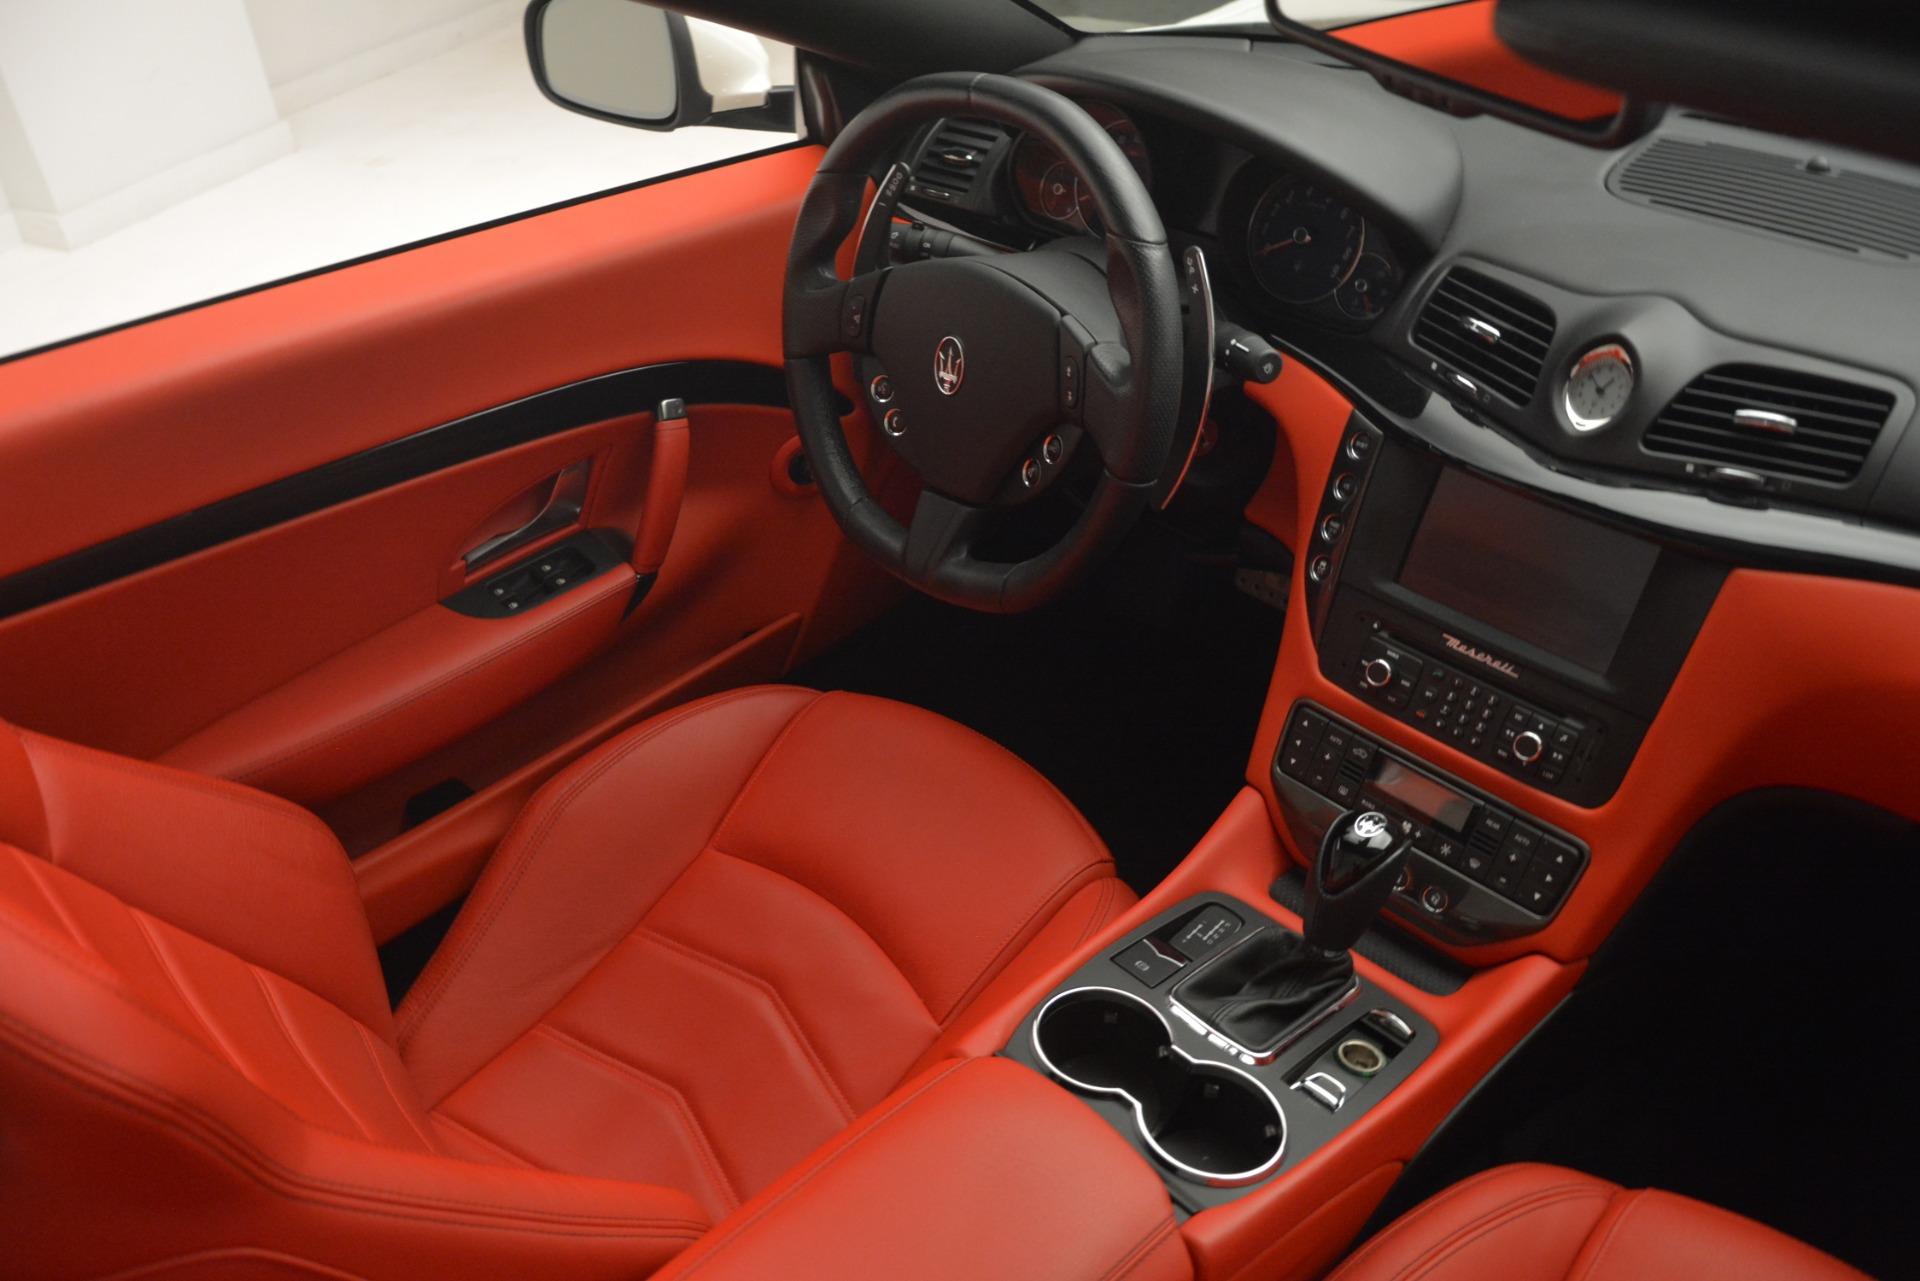 Used 2017 Maserati GranTurismo Sport For Sale In Westport, CT 2962_p27